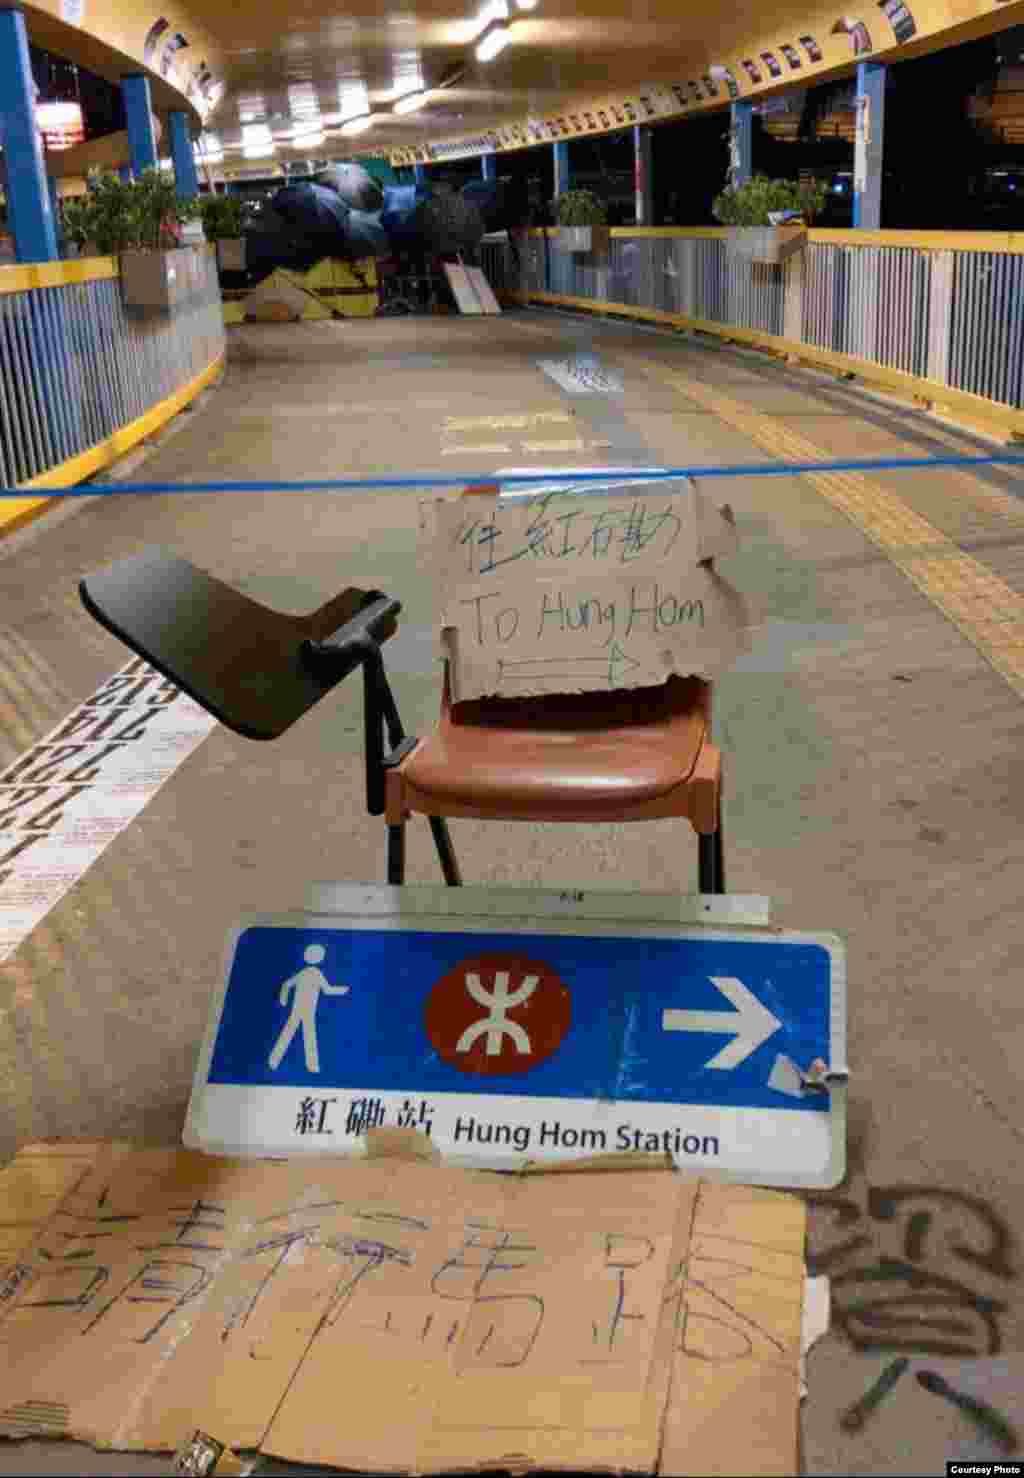 Протестующие баррикадировали и входы в метро, блокировали улицы, поэтому передвигаться в городе было тяжело. Казахстанцы рассказывают, что им пришлось провести ночь до вылета в аэропорту, чтобы на случай форс-мажора не пропустить рейс домой.